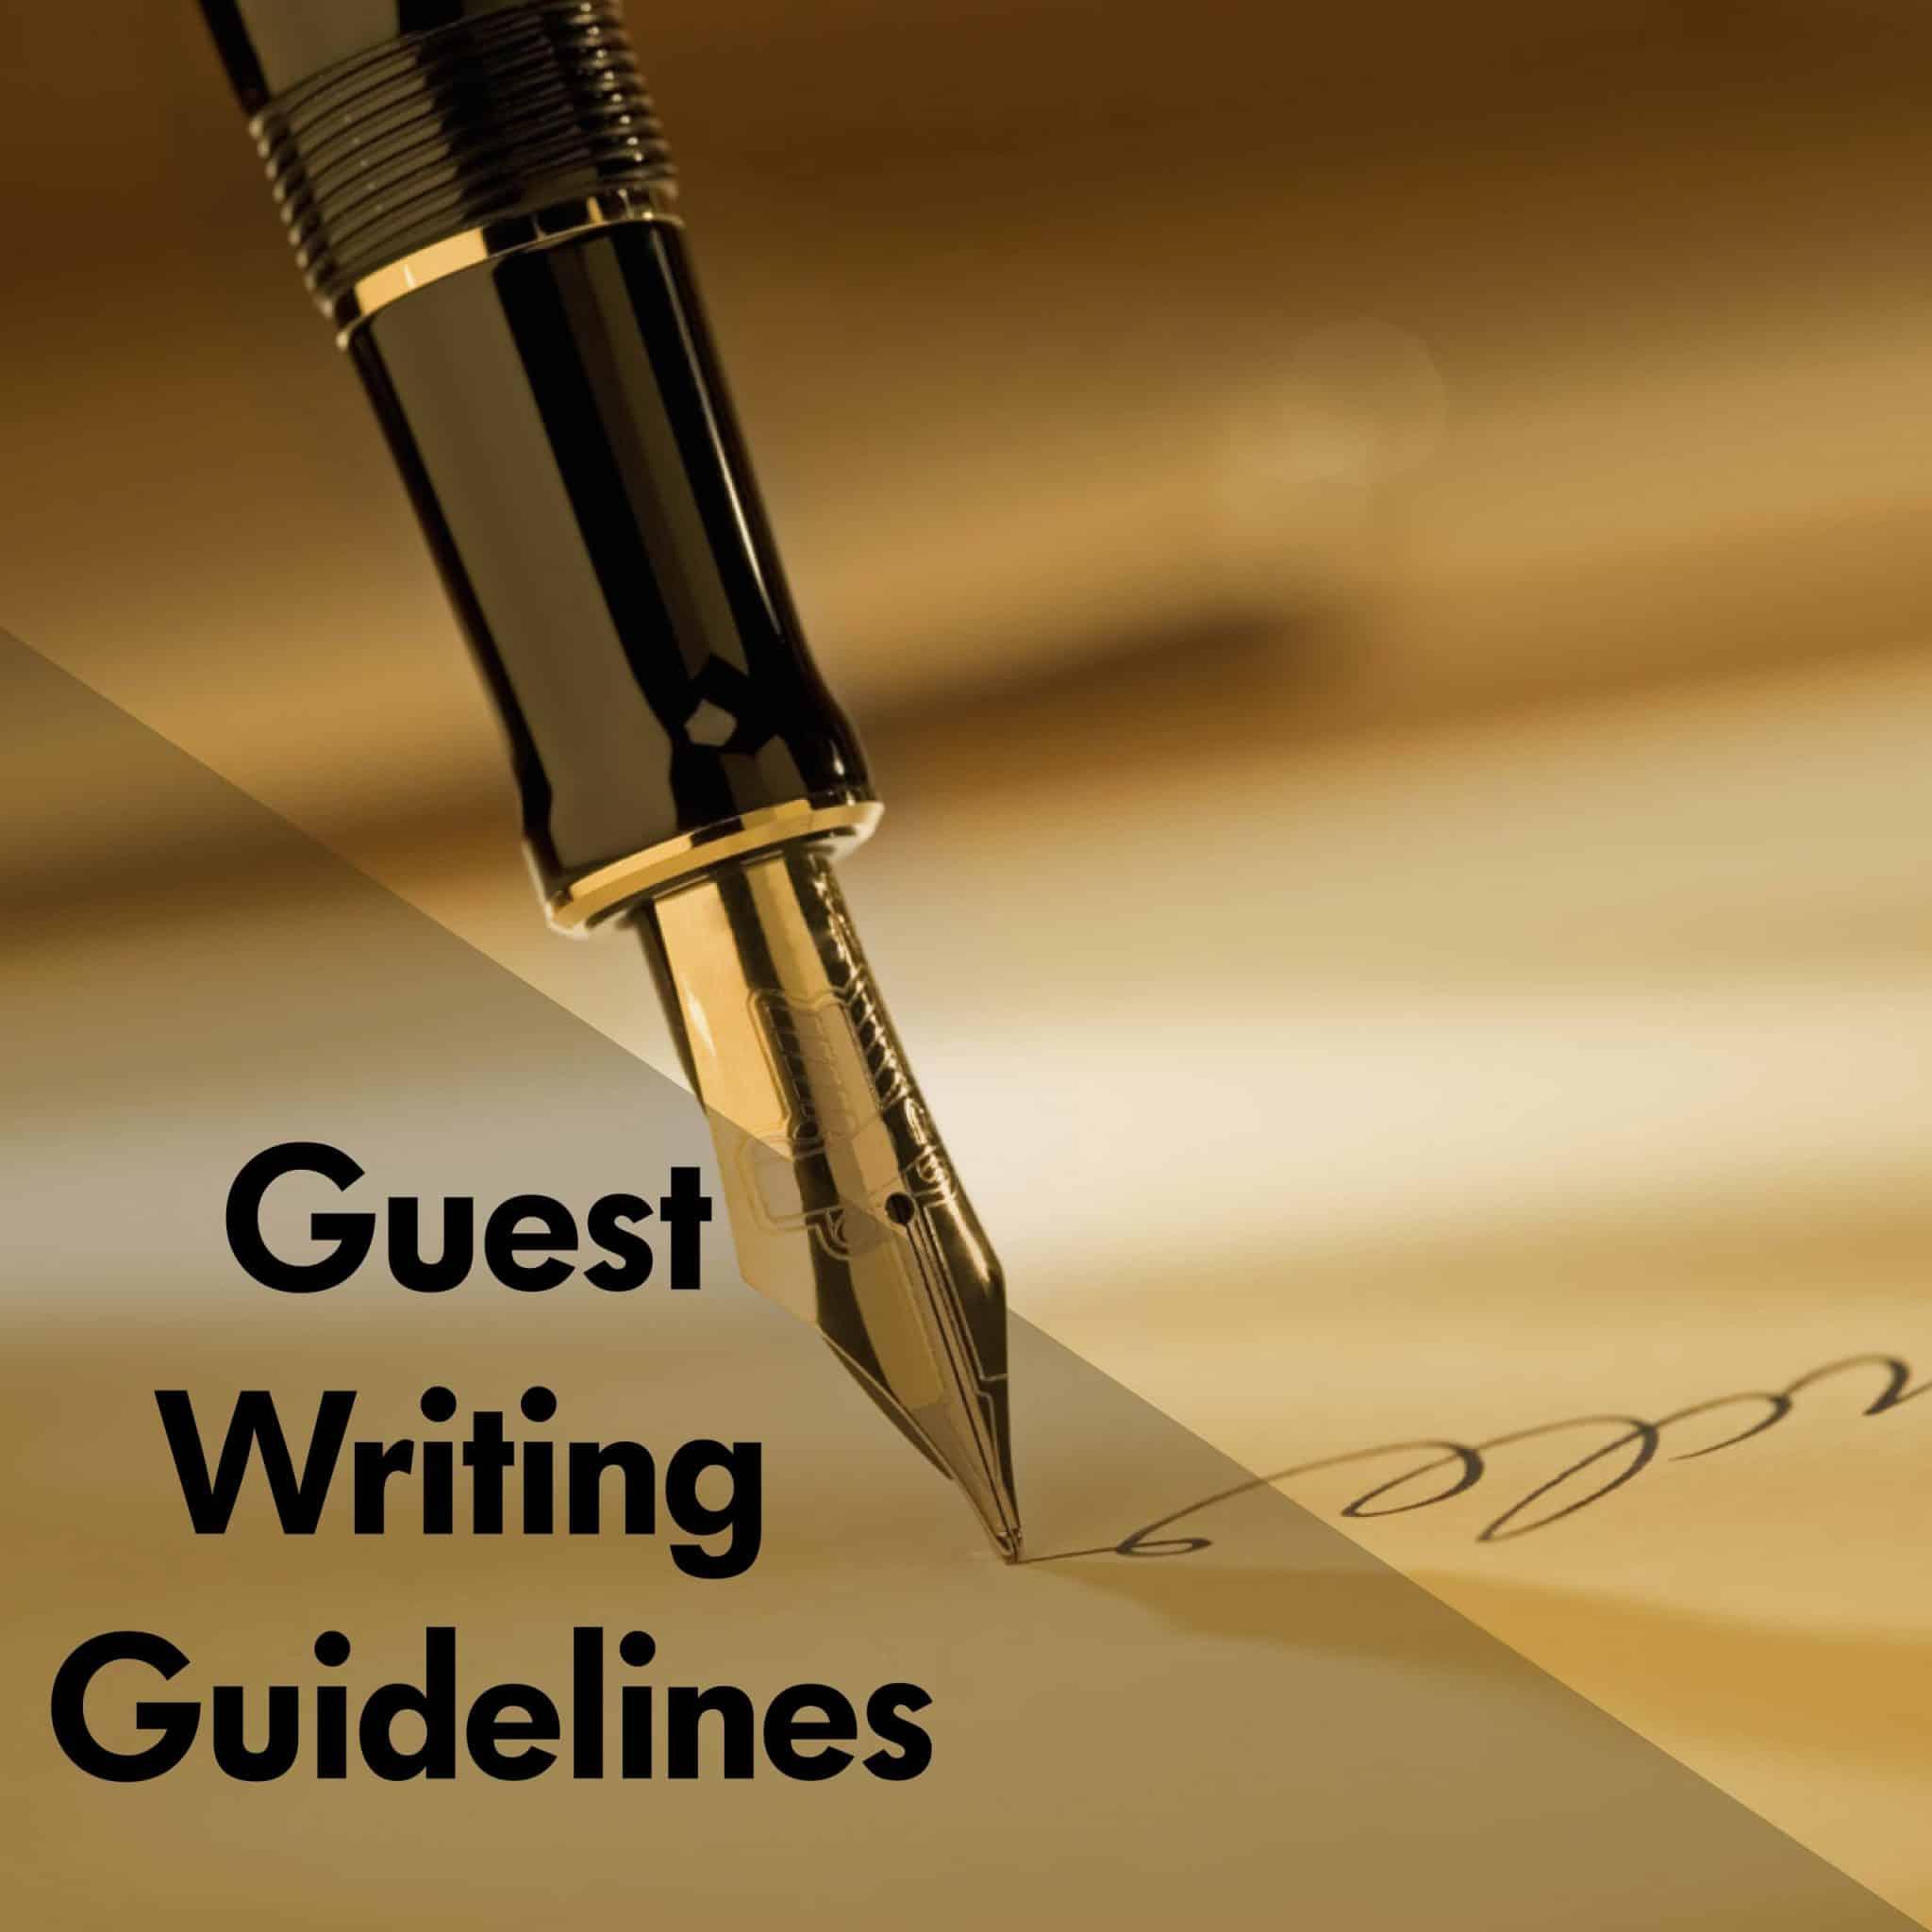 guestpost guidelines